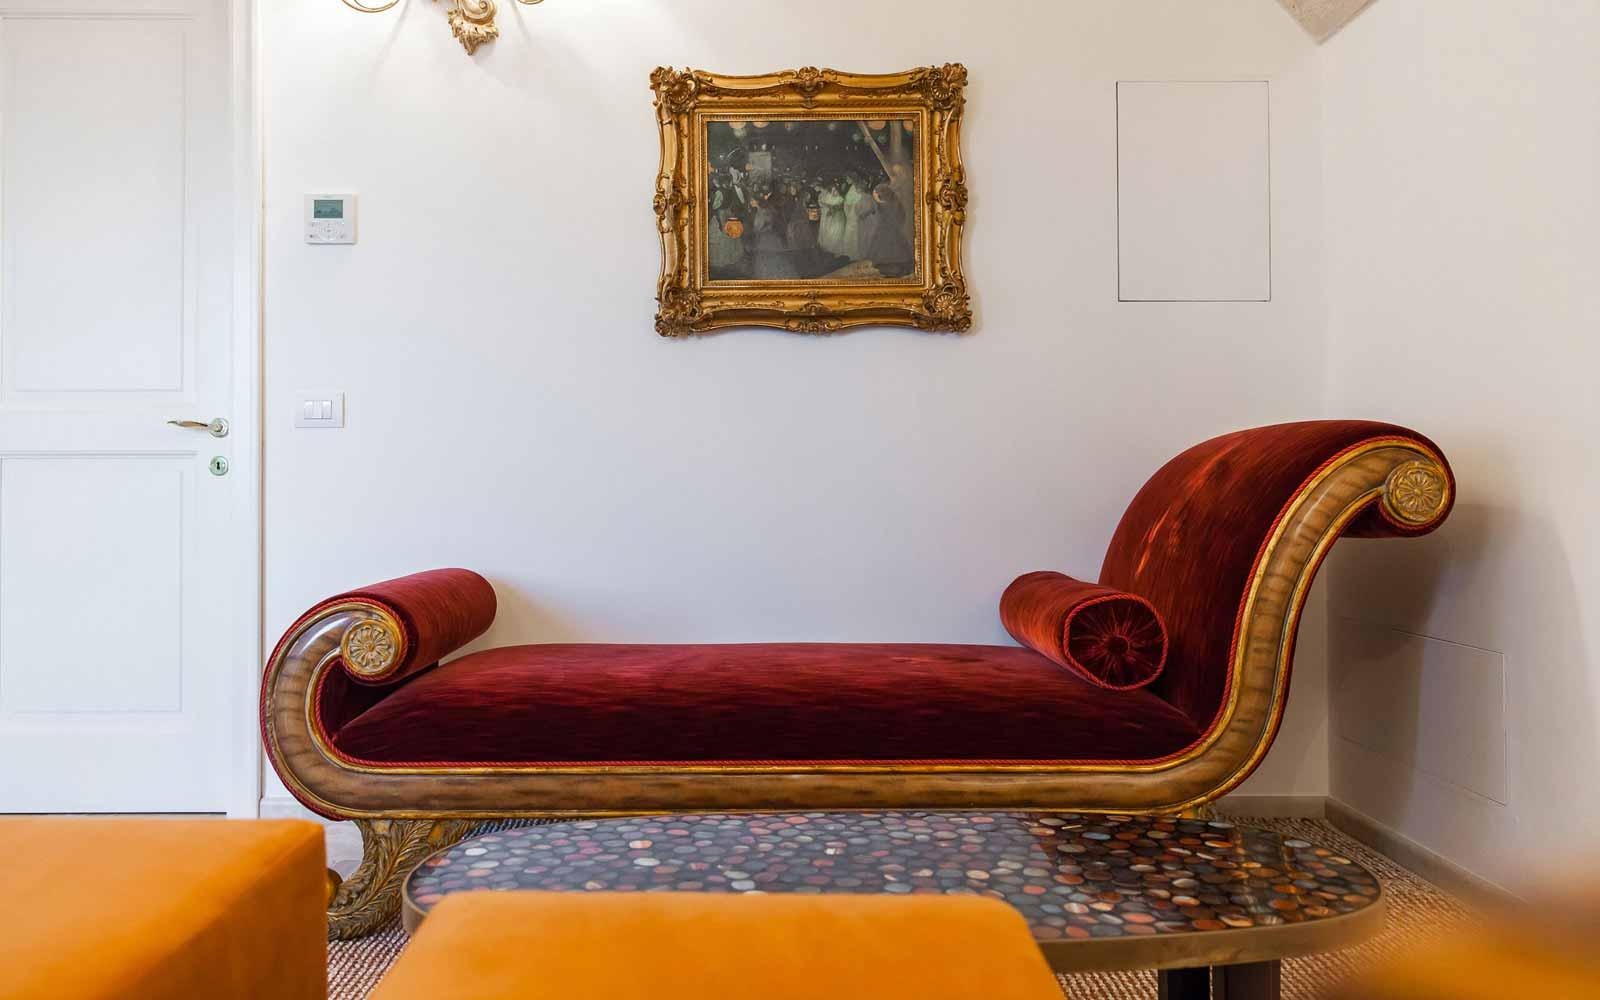 Interior design at La Residenza of Masseria Pettolecchia